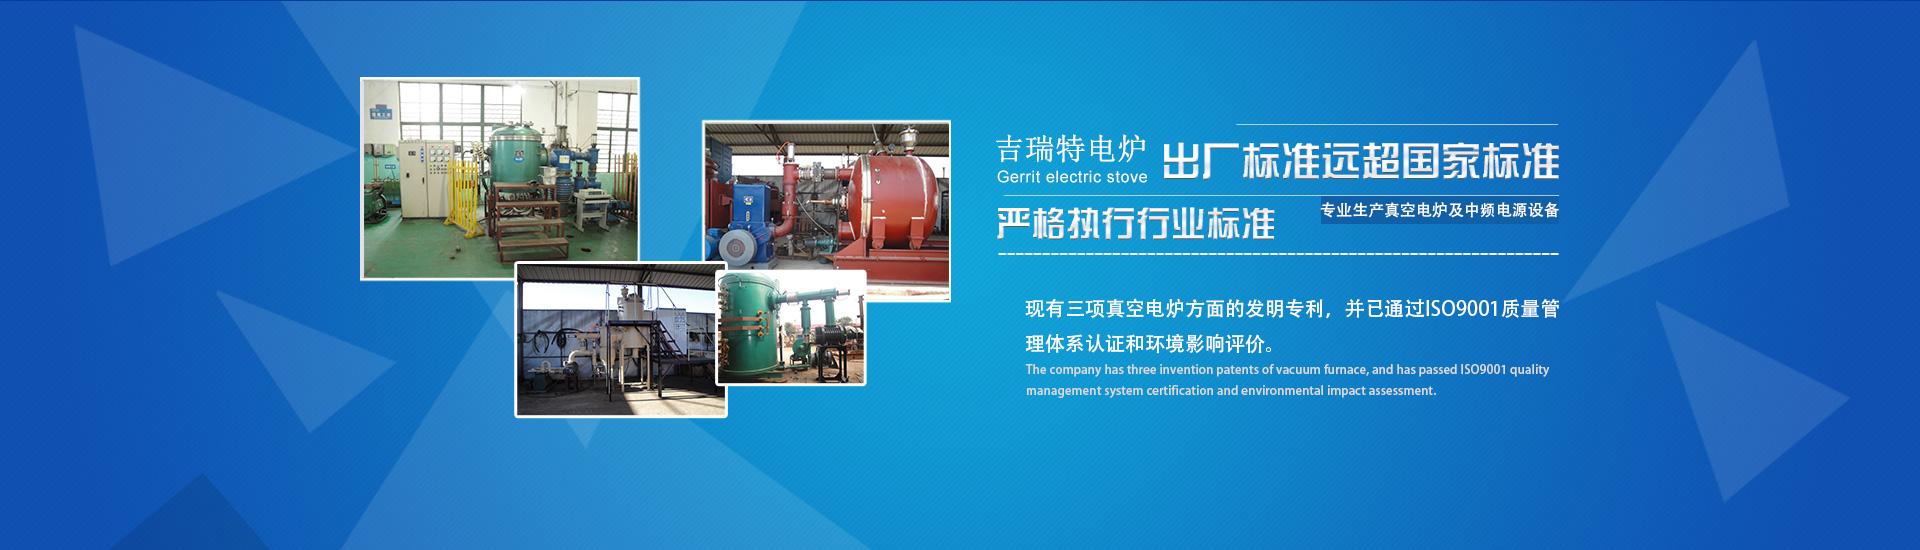 锦州吉瑞特电炉有限公司